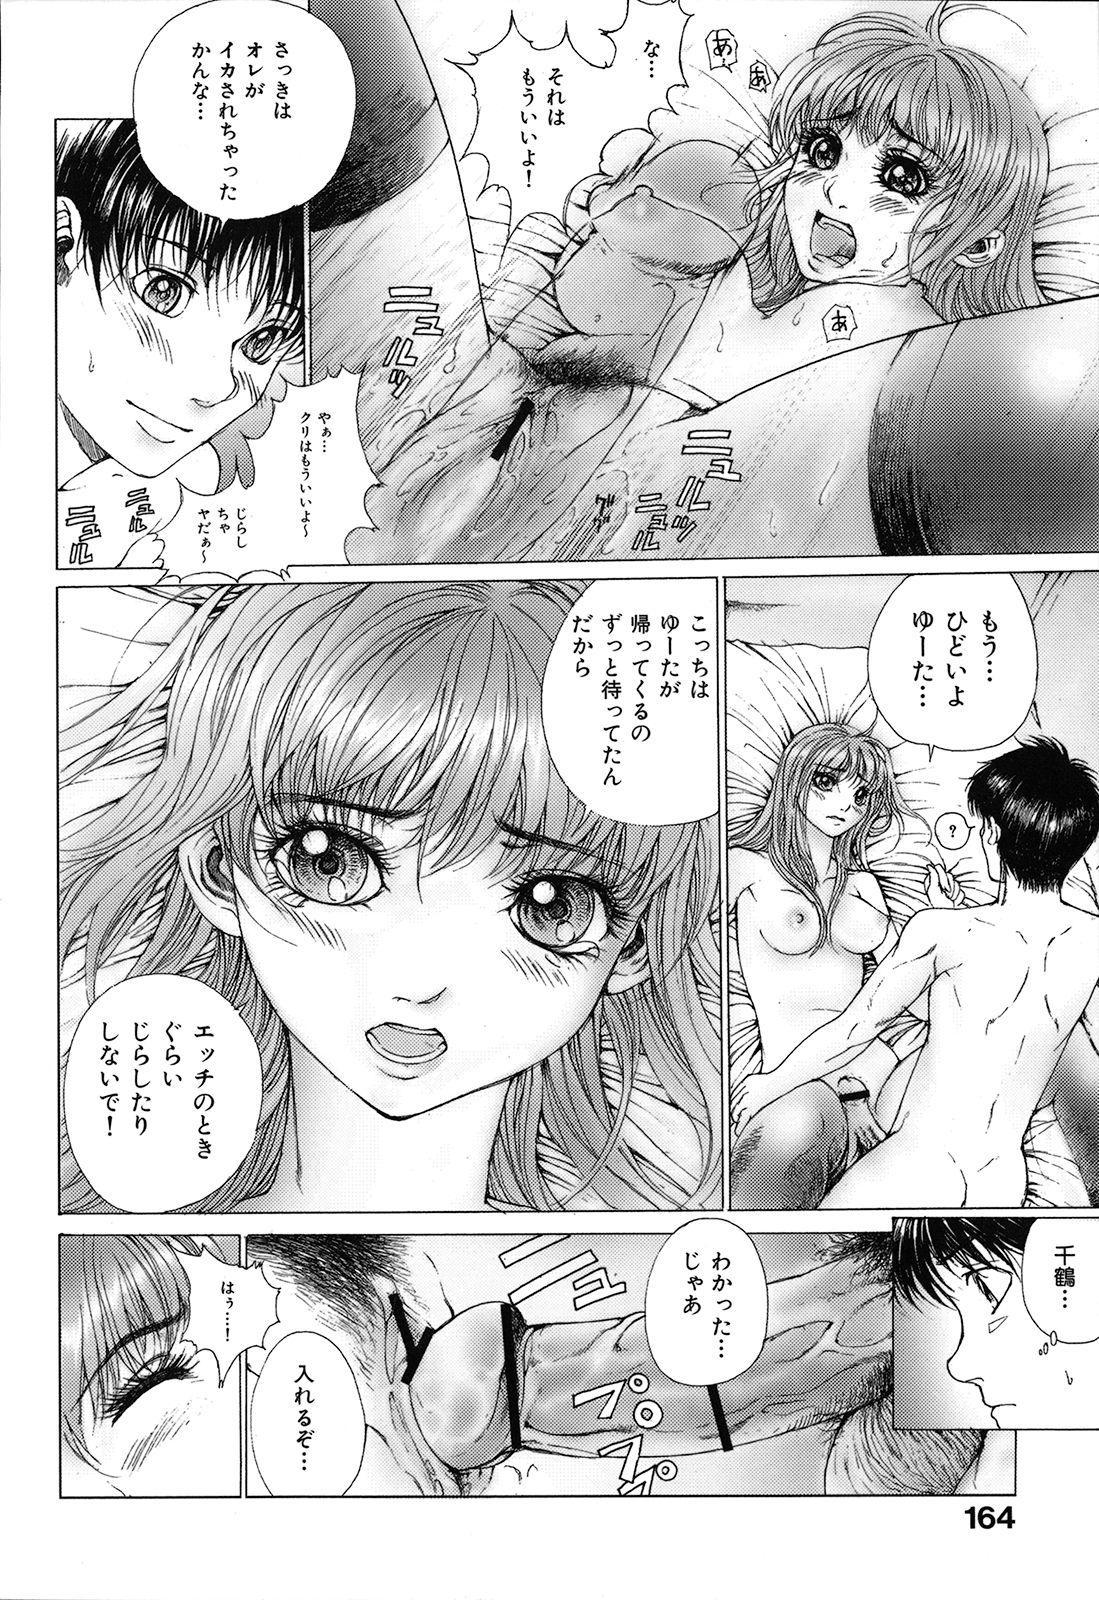 Kou Musume 167